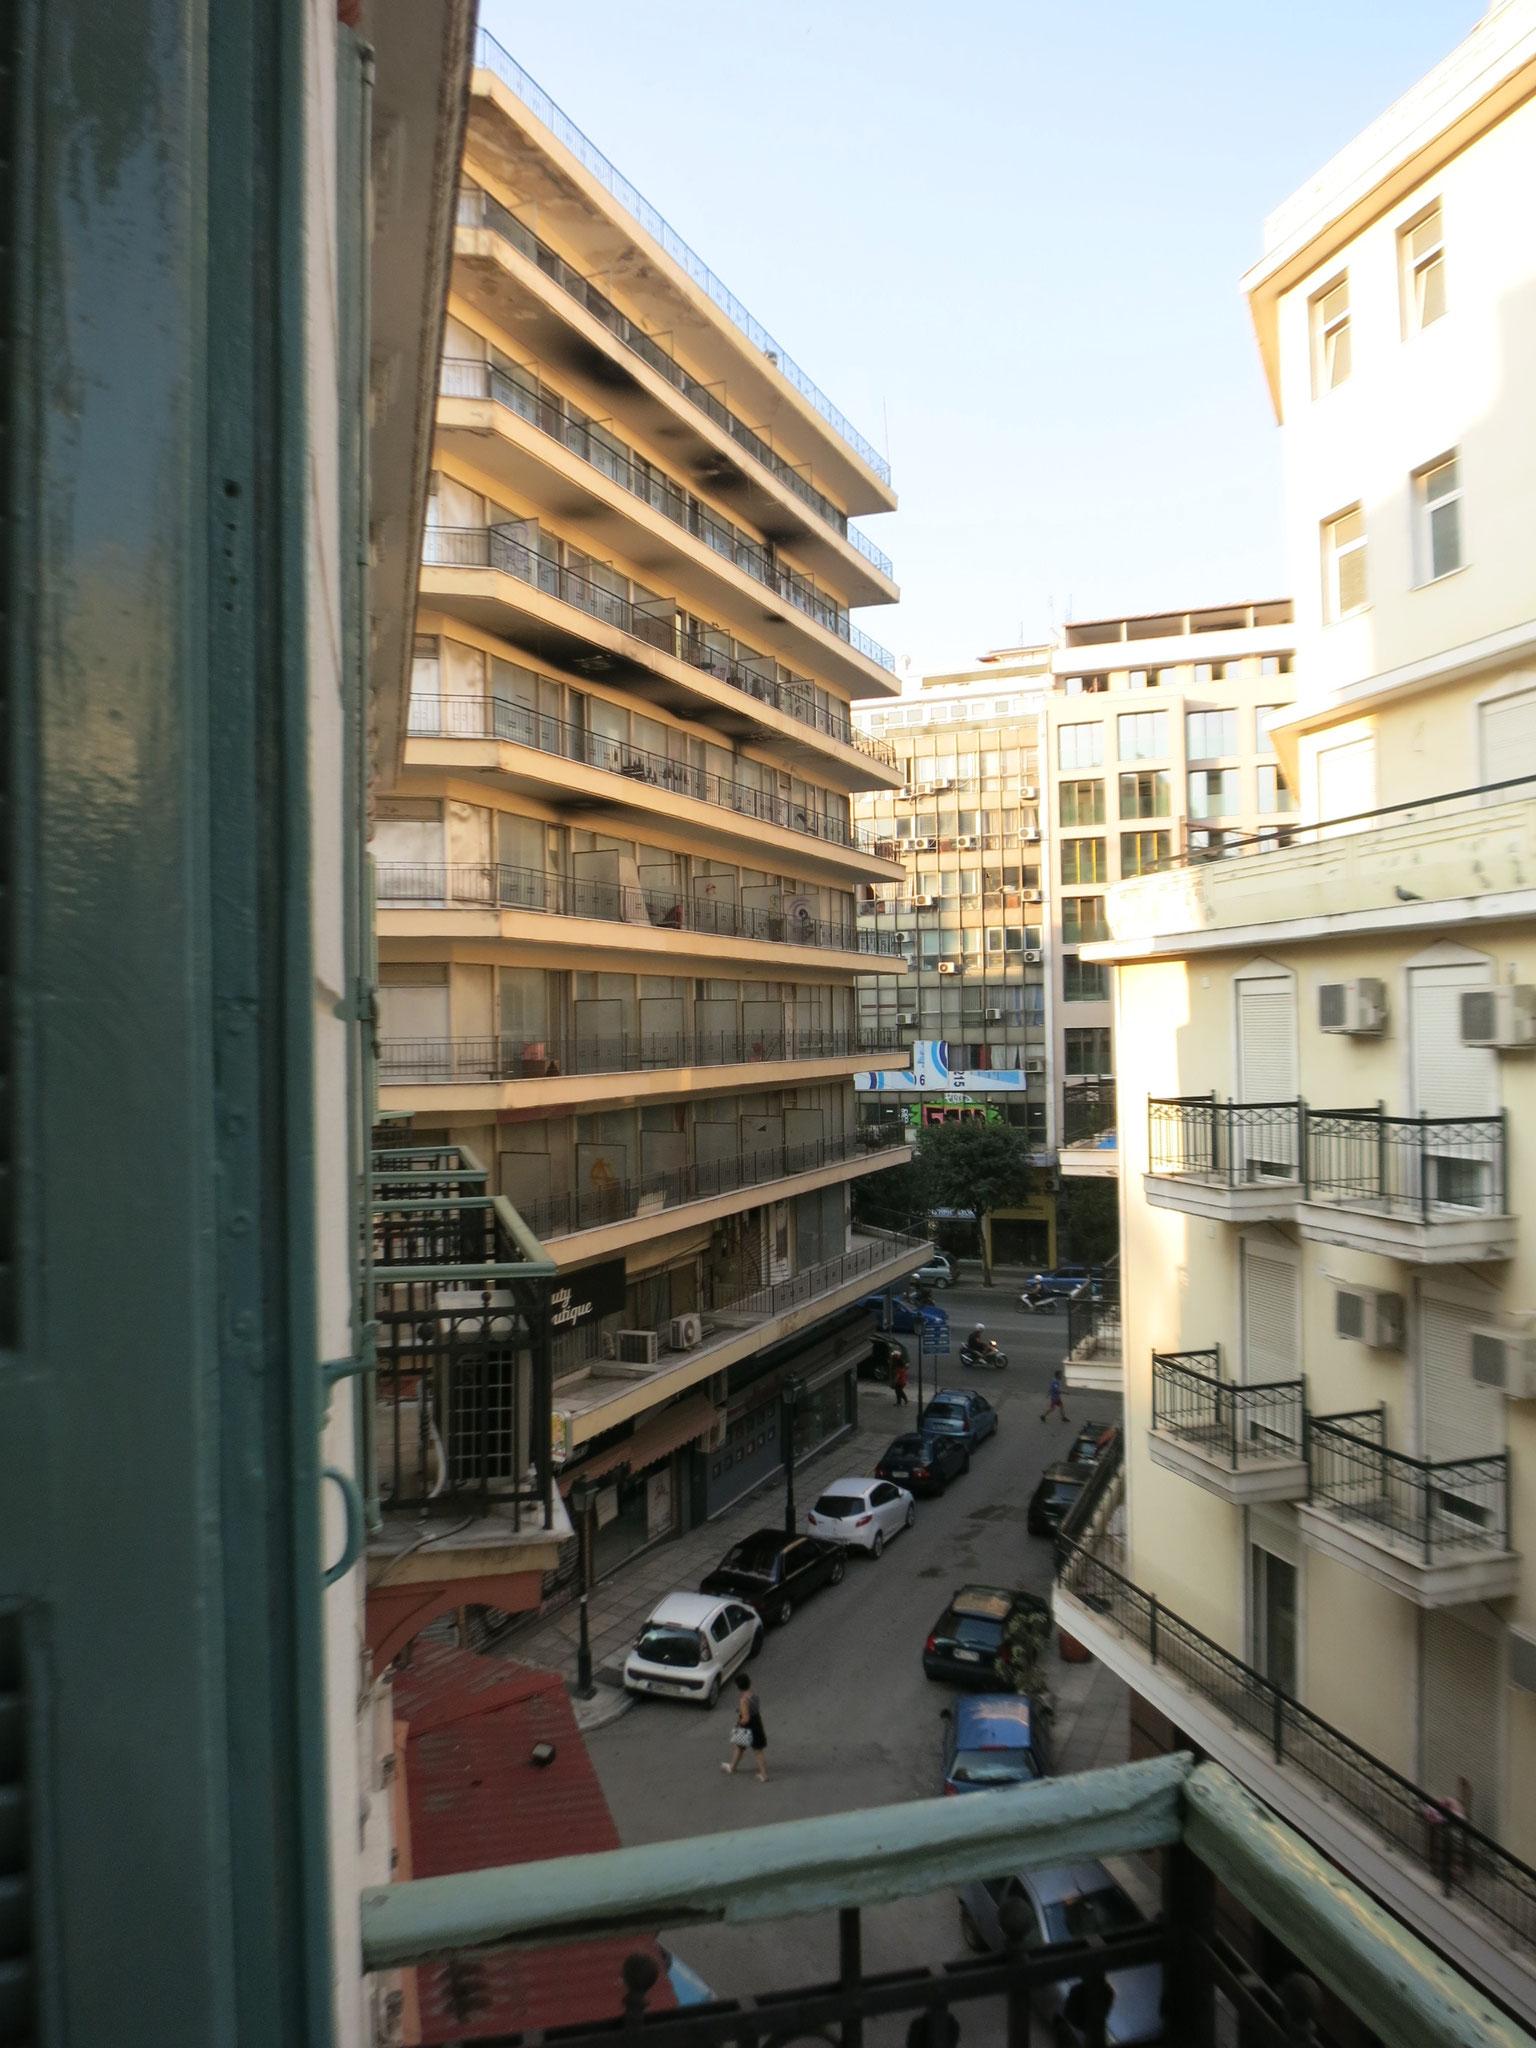 Thessaloniki (1)